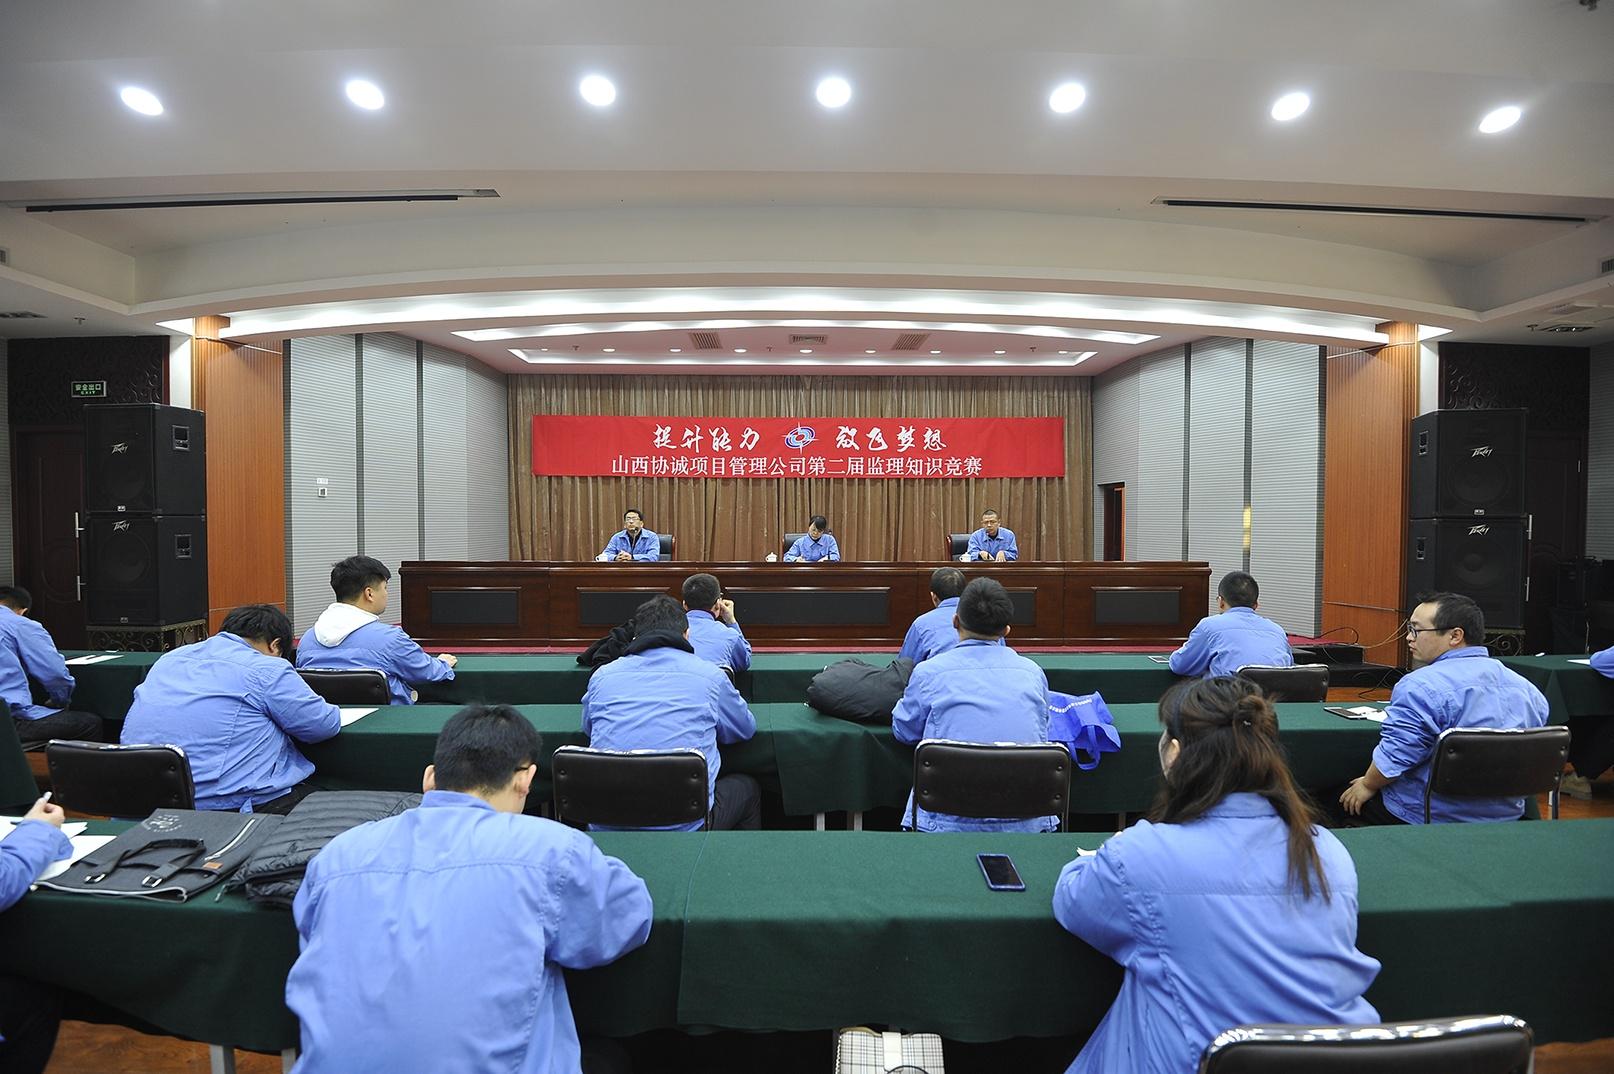 """公司组织举办以""""提升能力 放飞梦想""""为主题的第二届监理知识竞赛"""